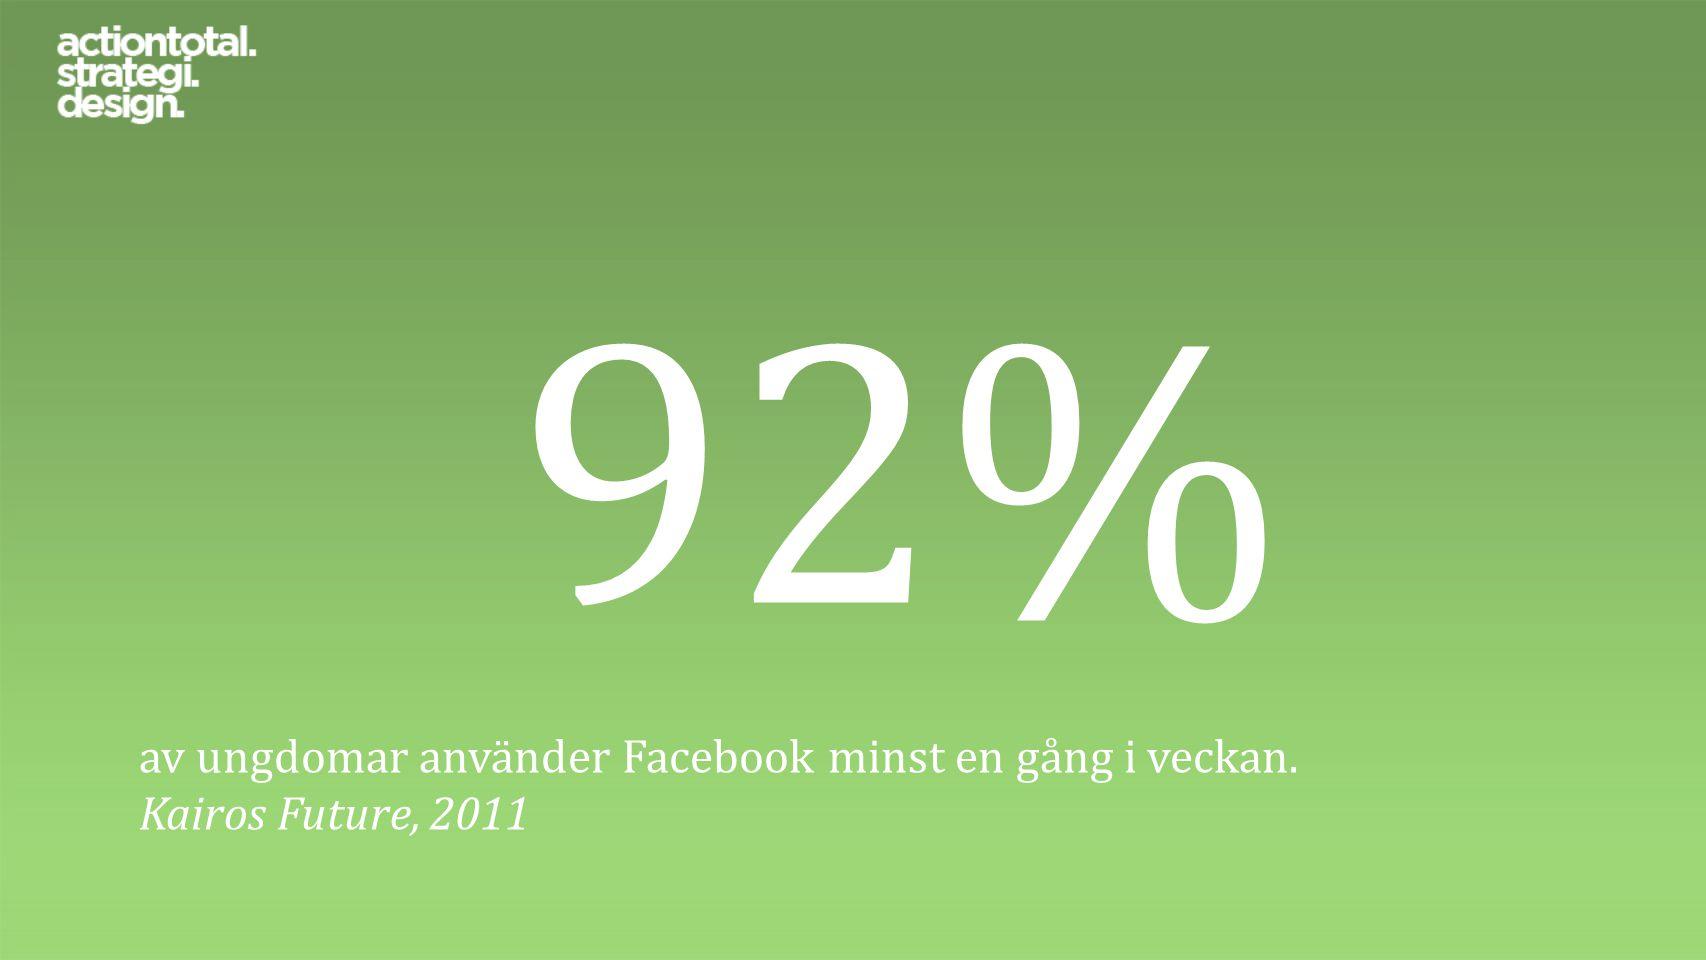 92% av ungdomar använder Facebook minst en gång i veckan. Kairos Future, 2011